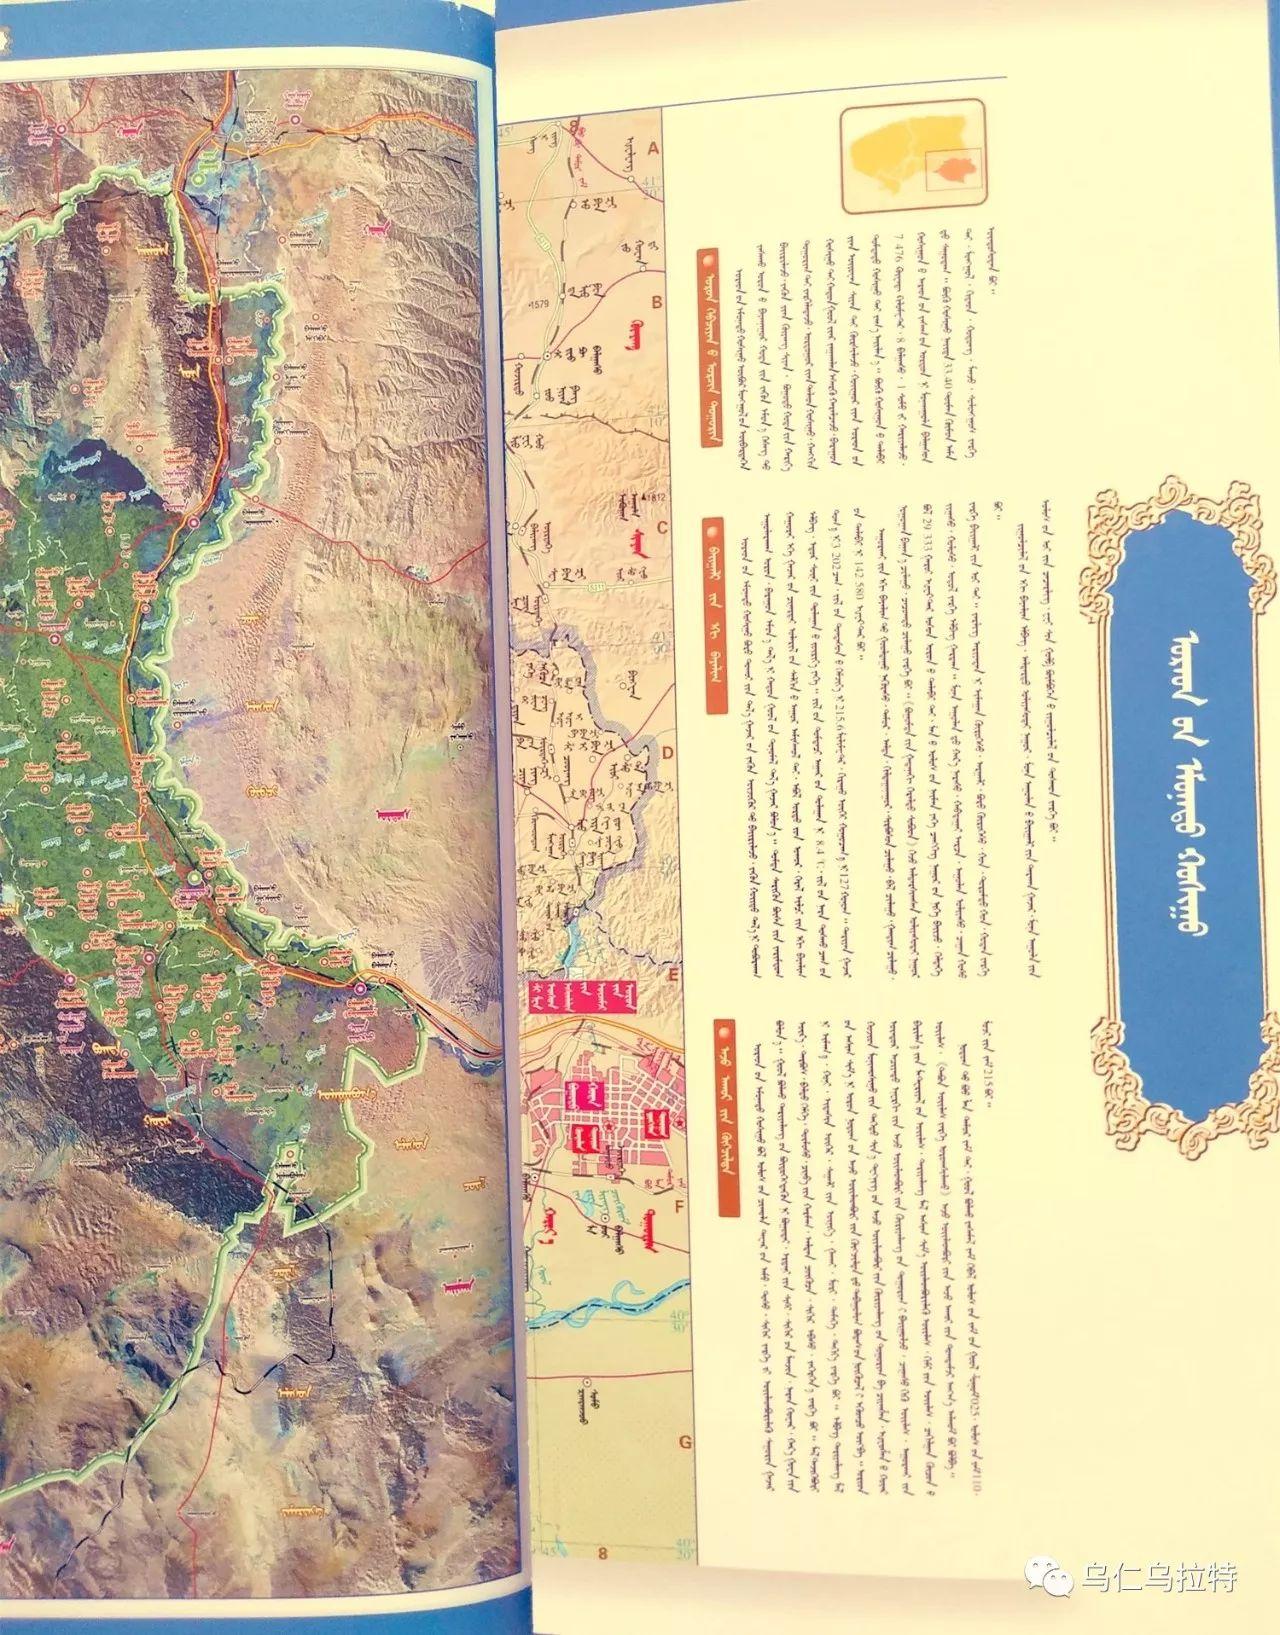 图书介绍《乌拉特历史文化》 第54张